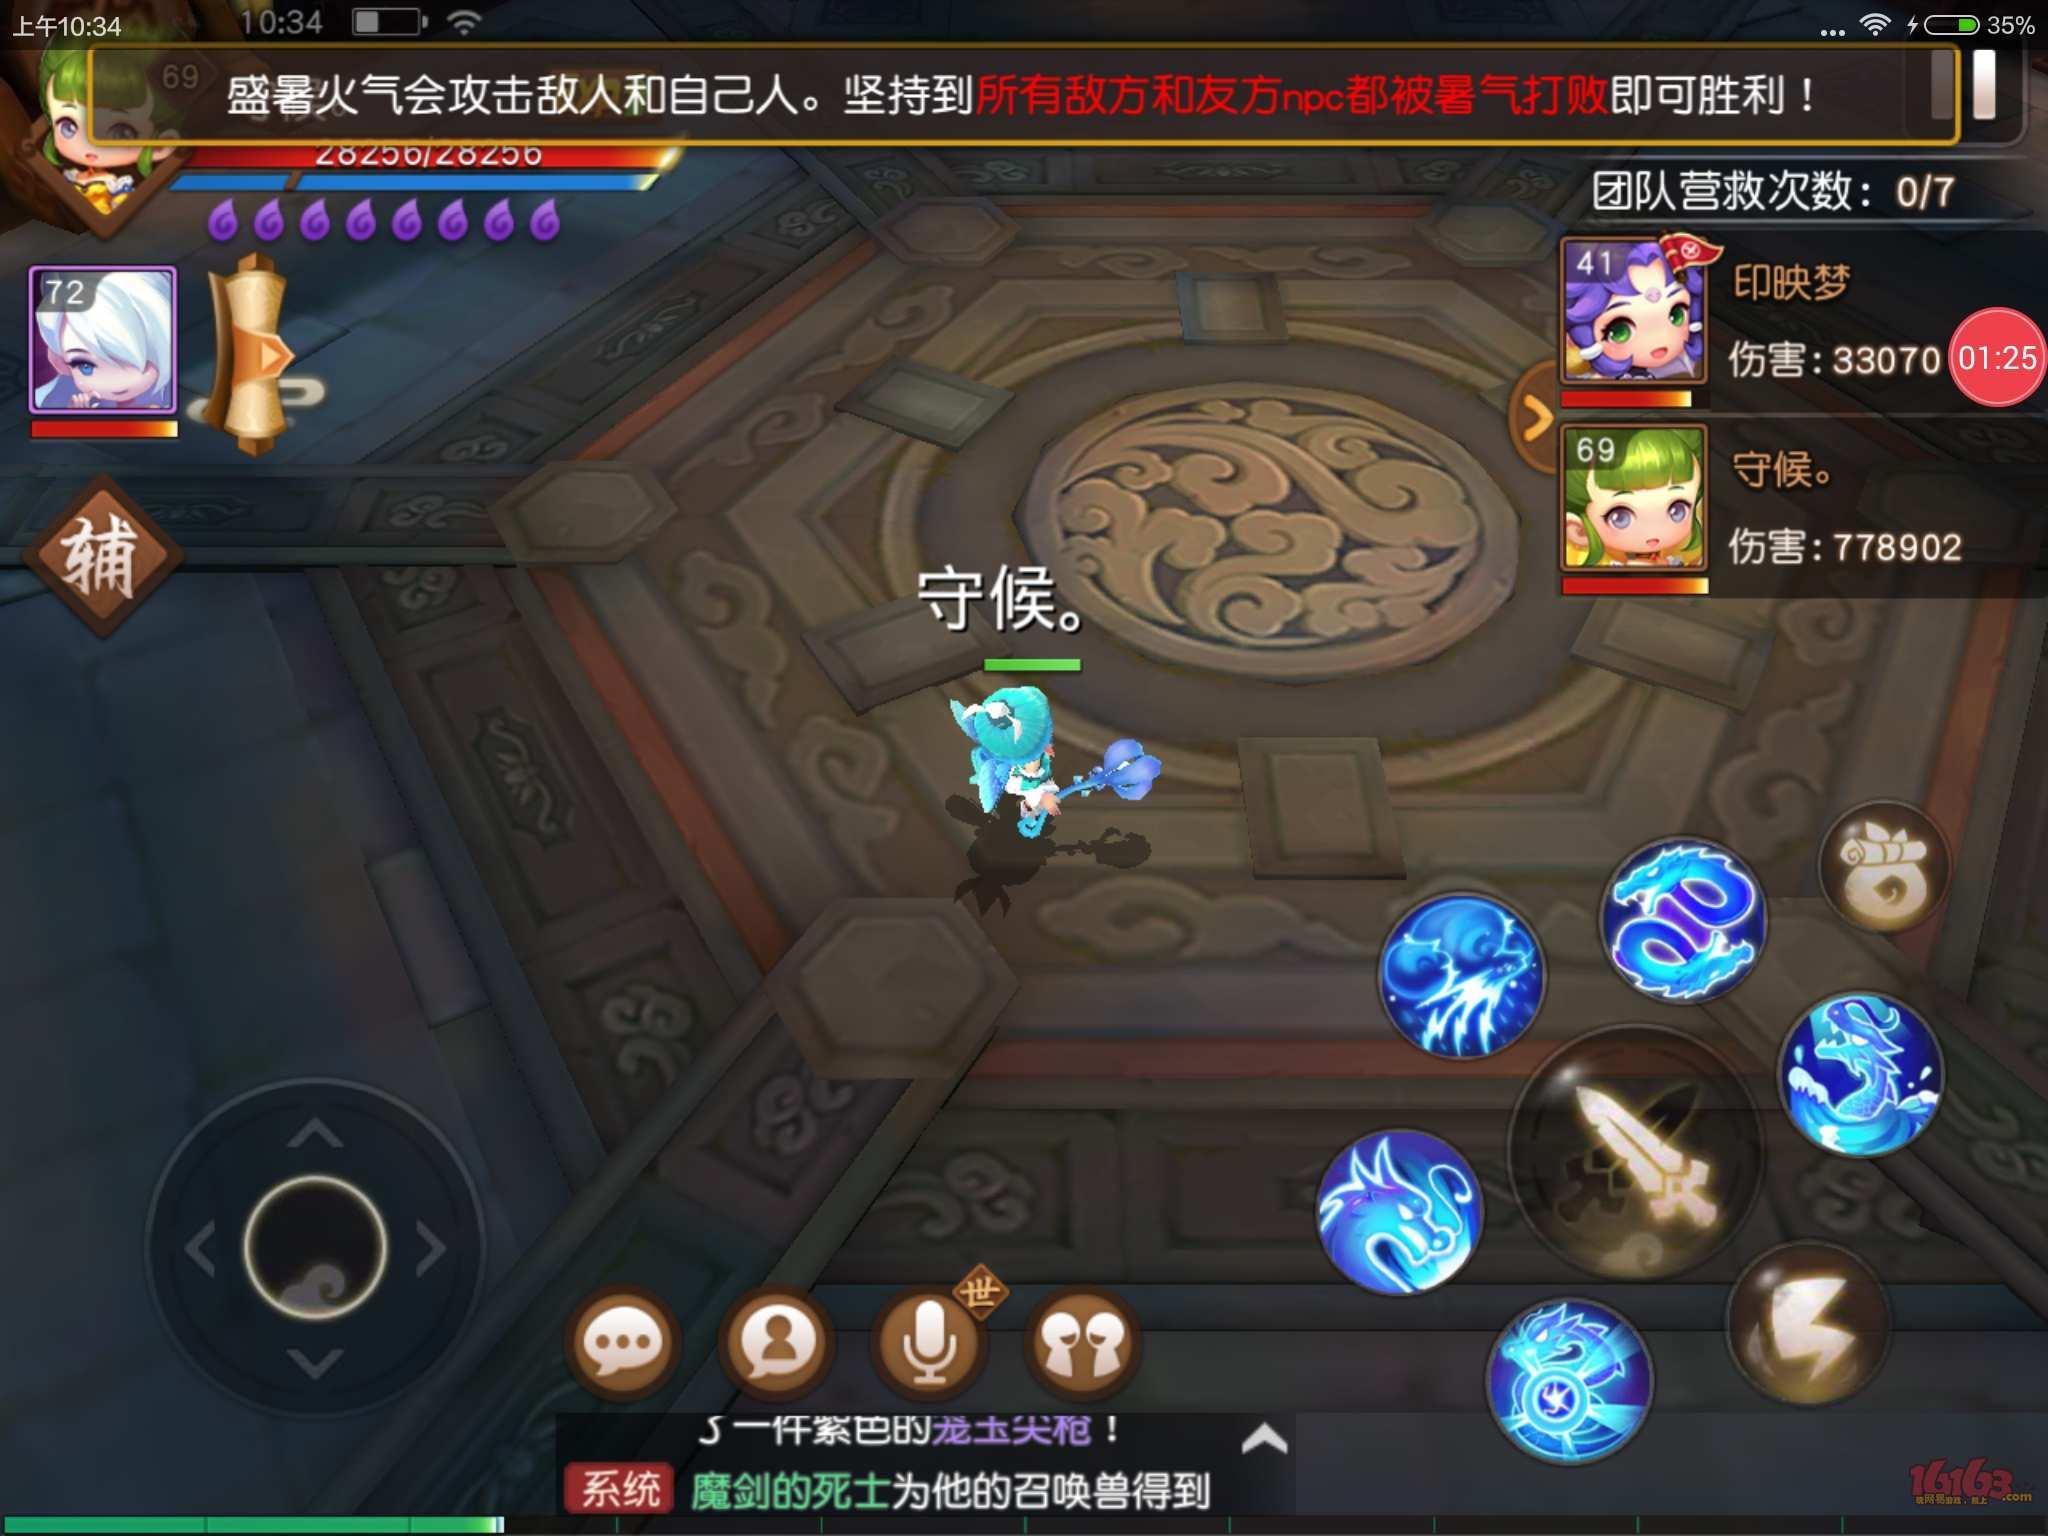 Screenshot_2016-07-21-10-34-47_com.netease.mhws.jpg